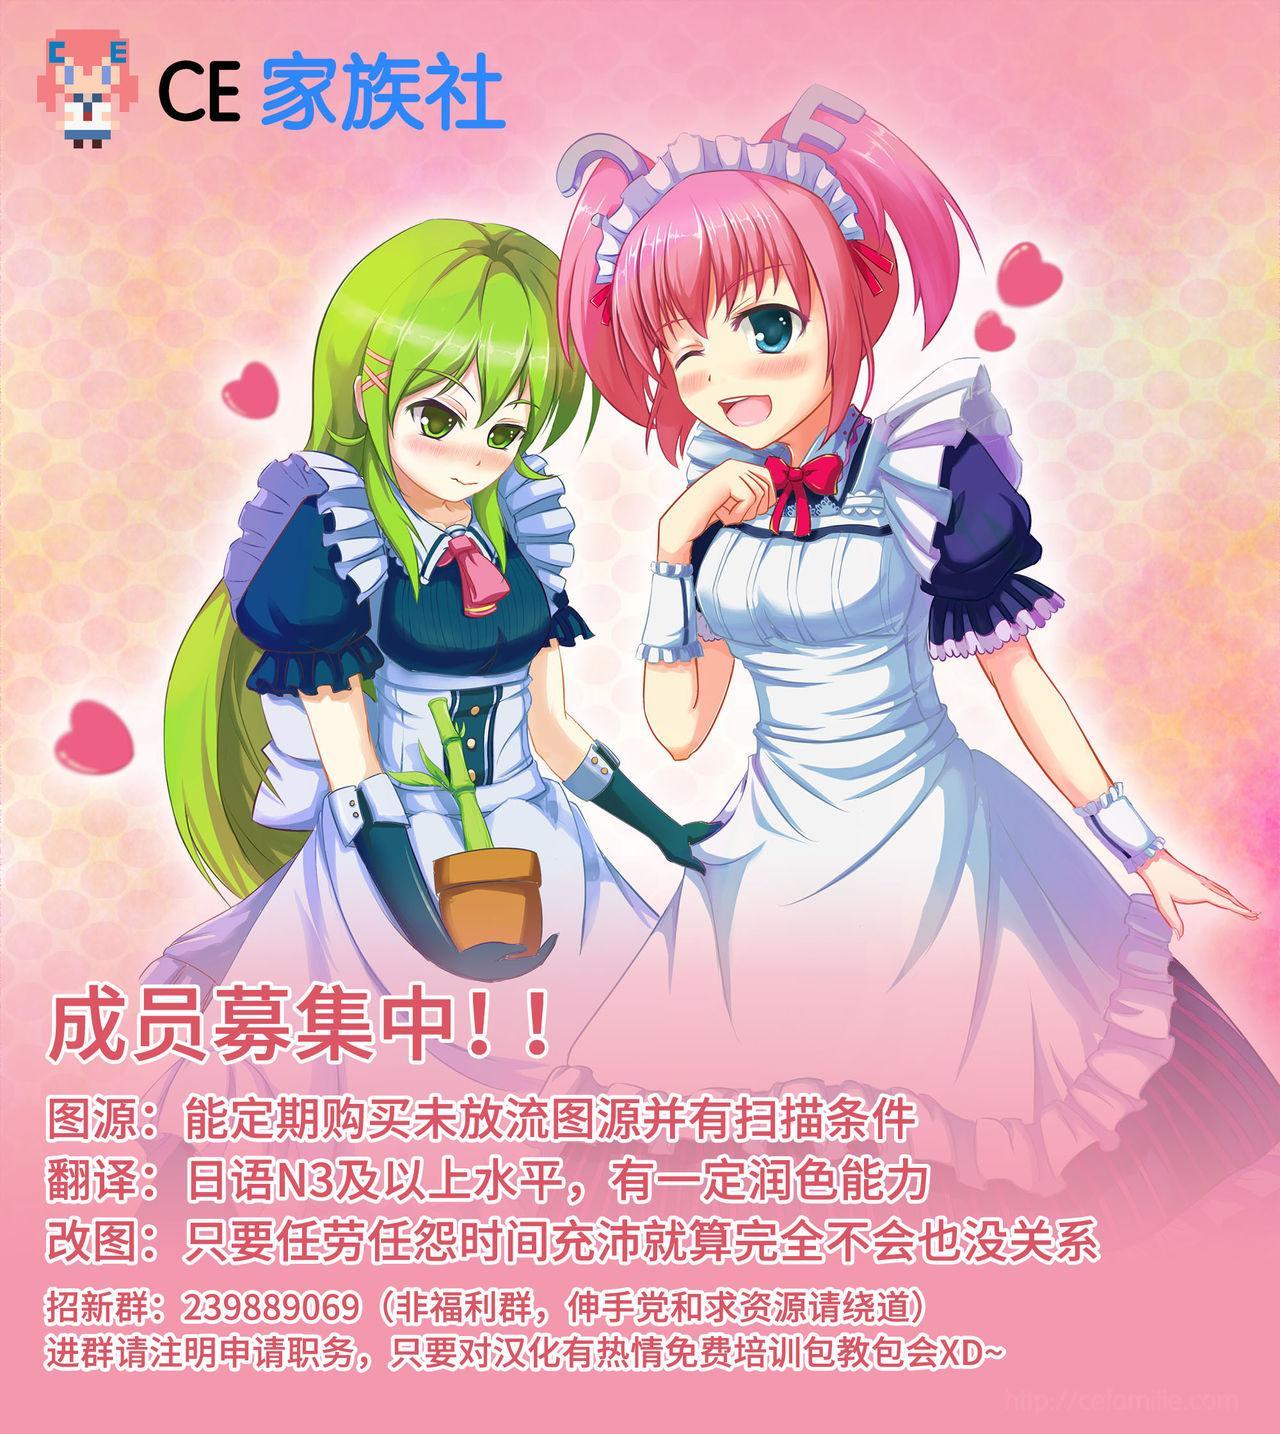 Touhou Ryoujyoku 37 Reimu VS Chouzetsu Hentai Massage-shi 18